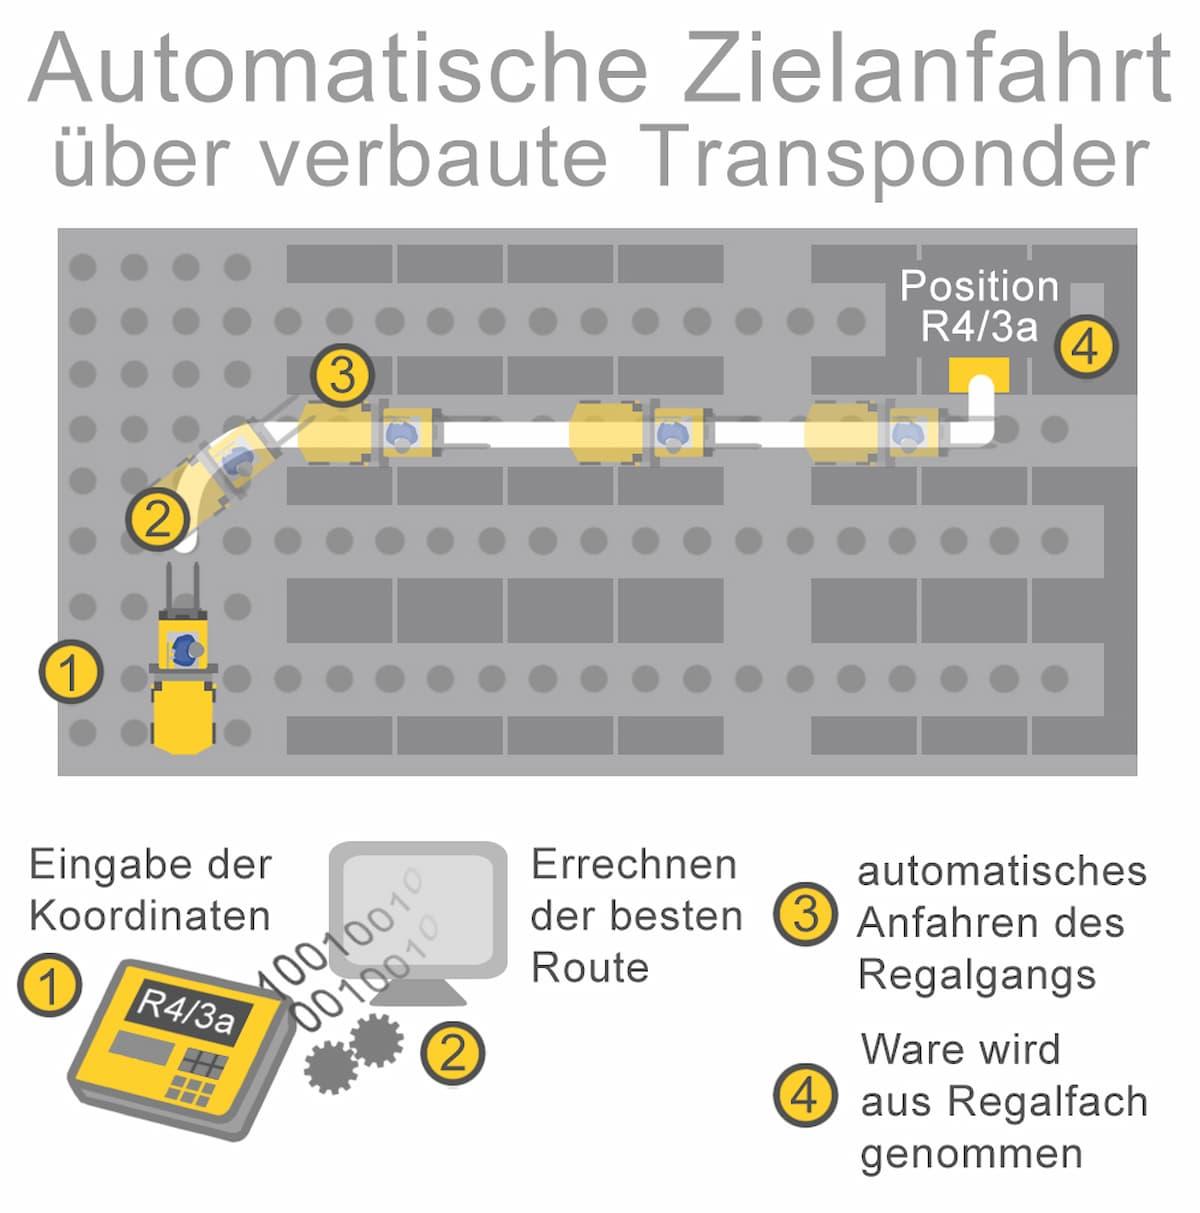 Automatisierungsmöglichkeiten können genutzt werden